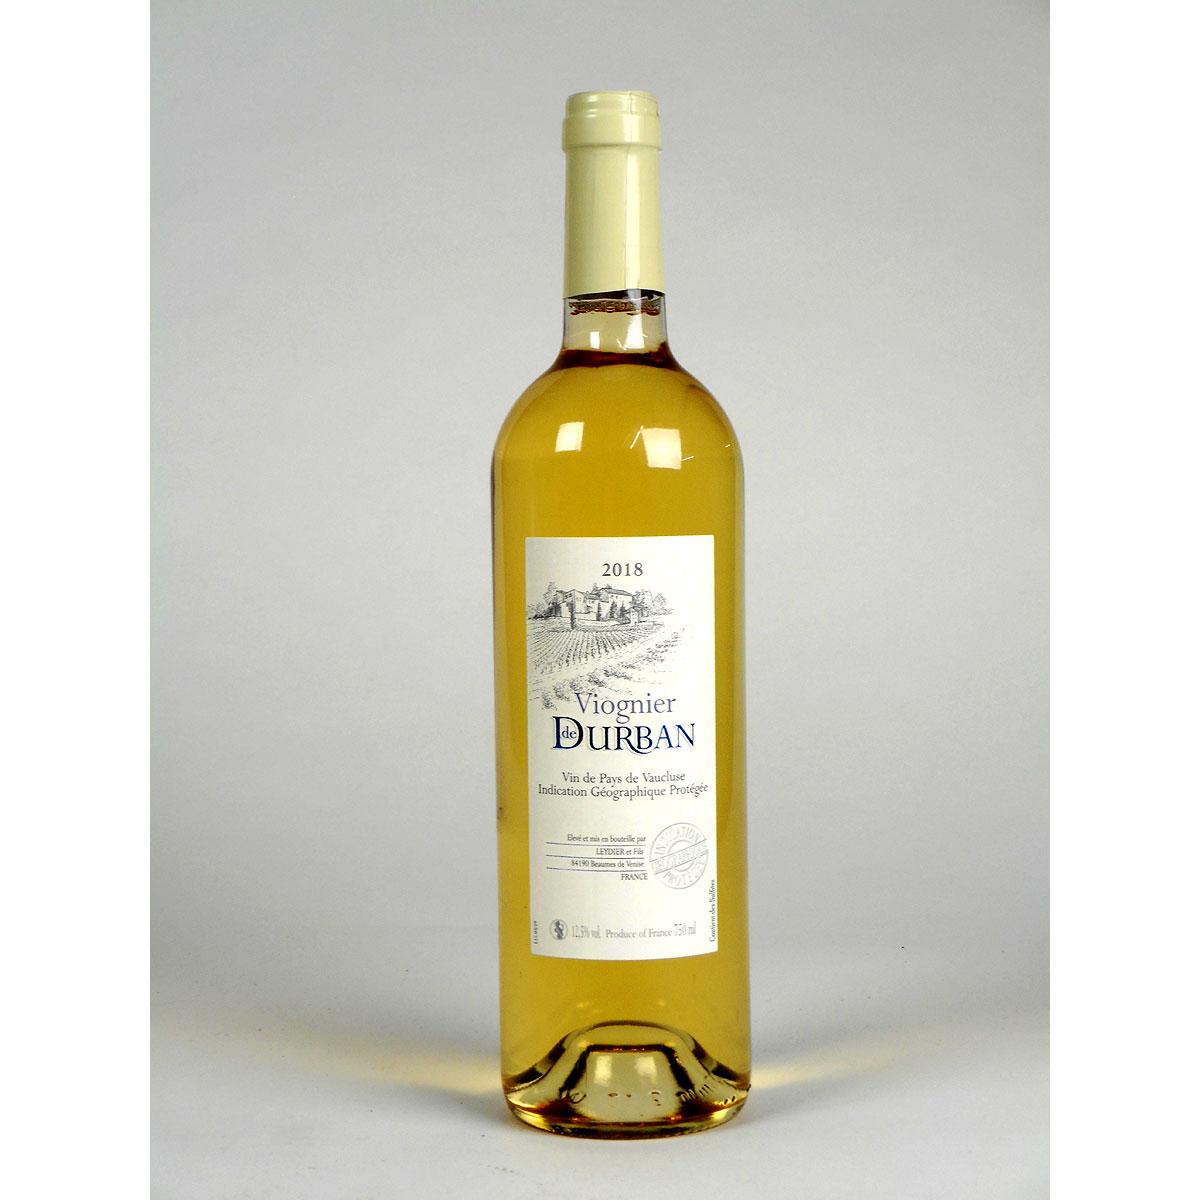 Vin de Pays de Vaucluse: Domaine de Durban Viognier 2018 - Bottle